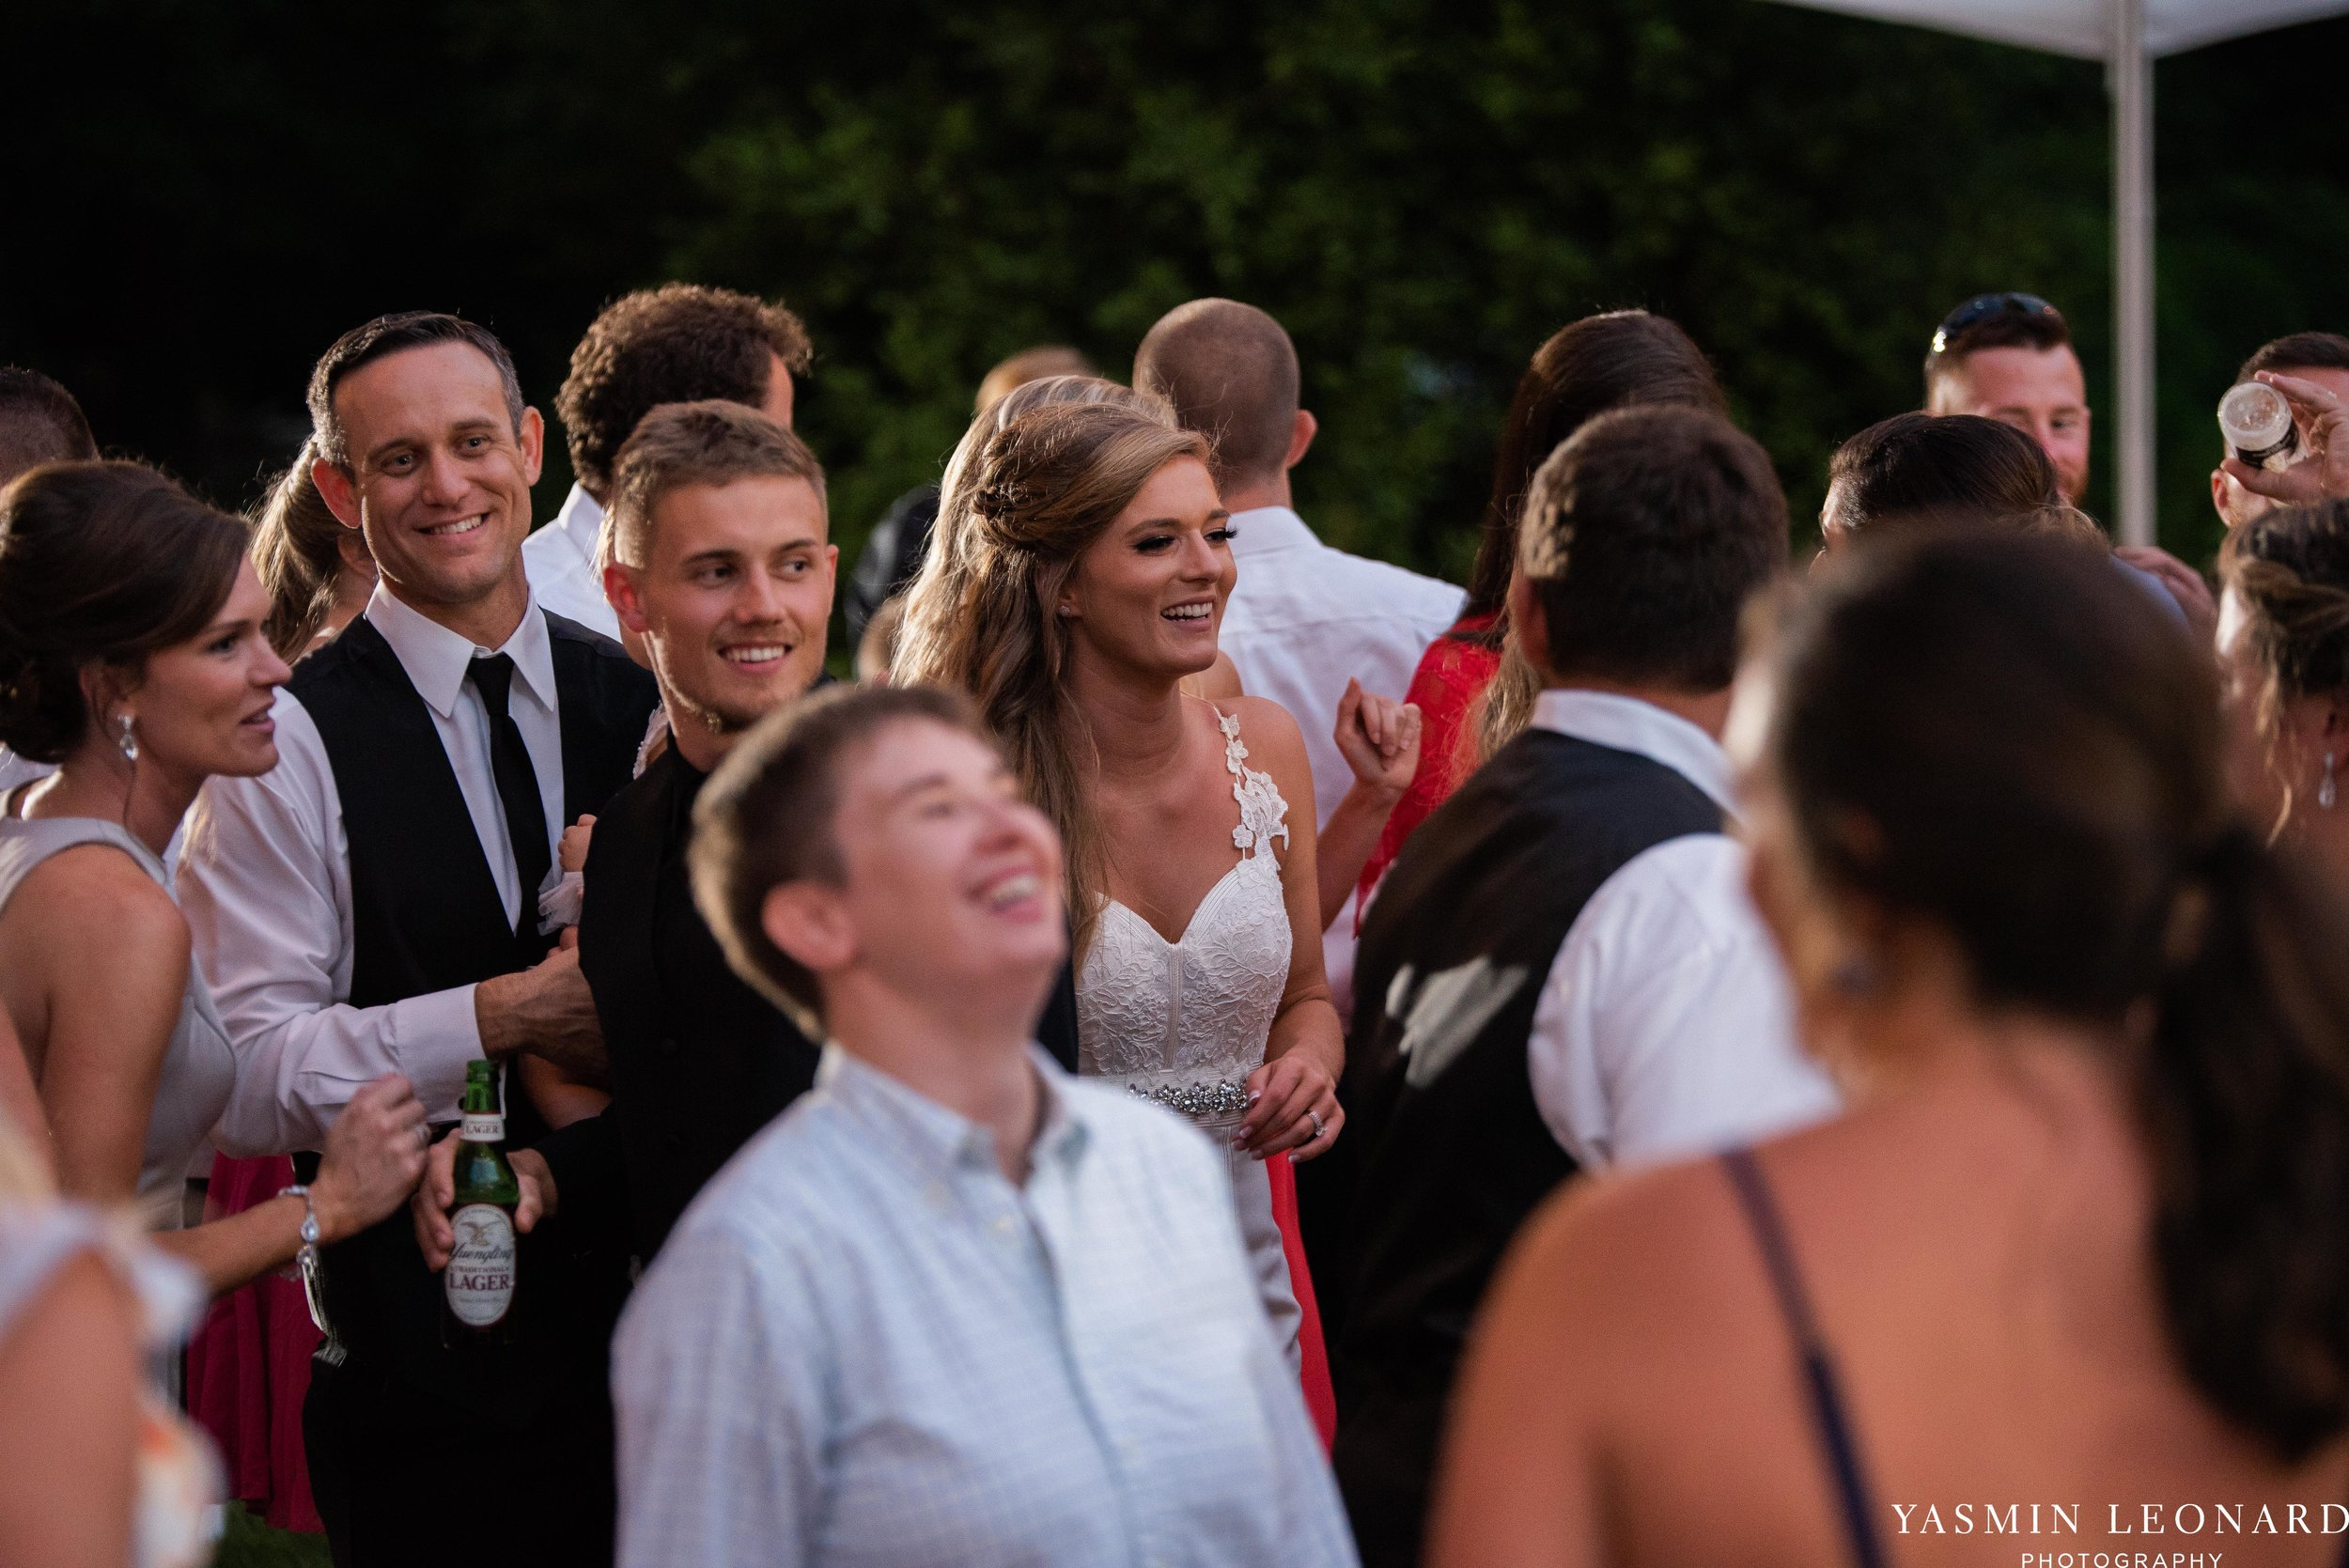 Boxwood Estate - Boxwood Estate Wedding - Luxury Wedding - Black and White Wedding - NC Wedding Venues - NC Weddings - NC Photographer - Lantern Release Grand Exit - Large Wedding Party - Yasmin Leonard Photography-71.jpg